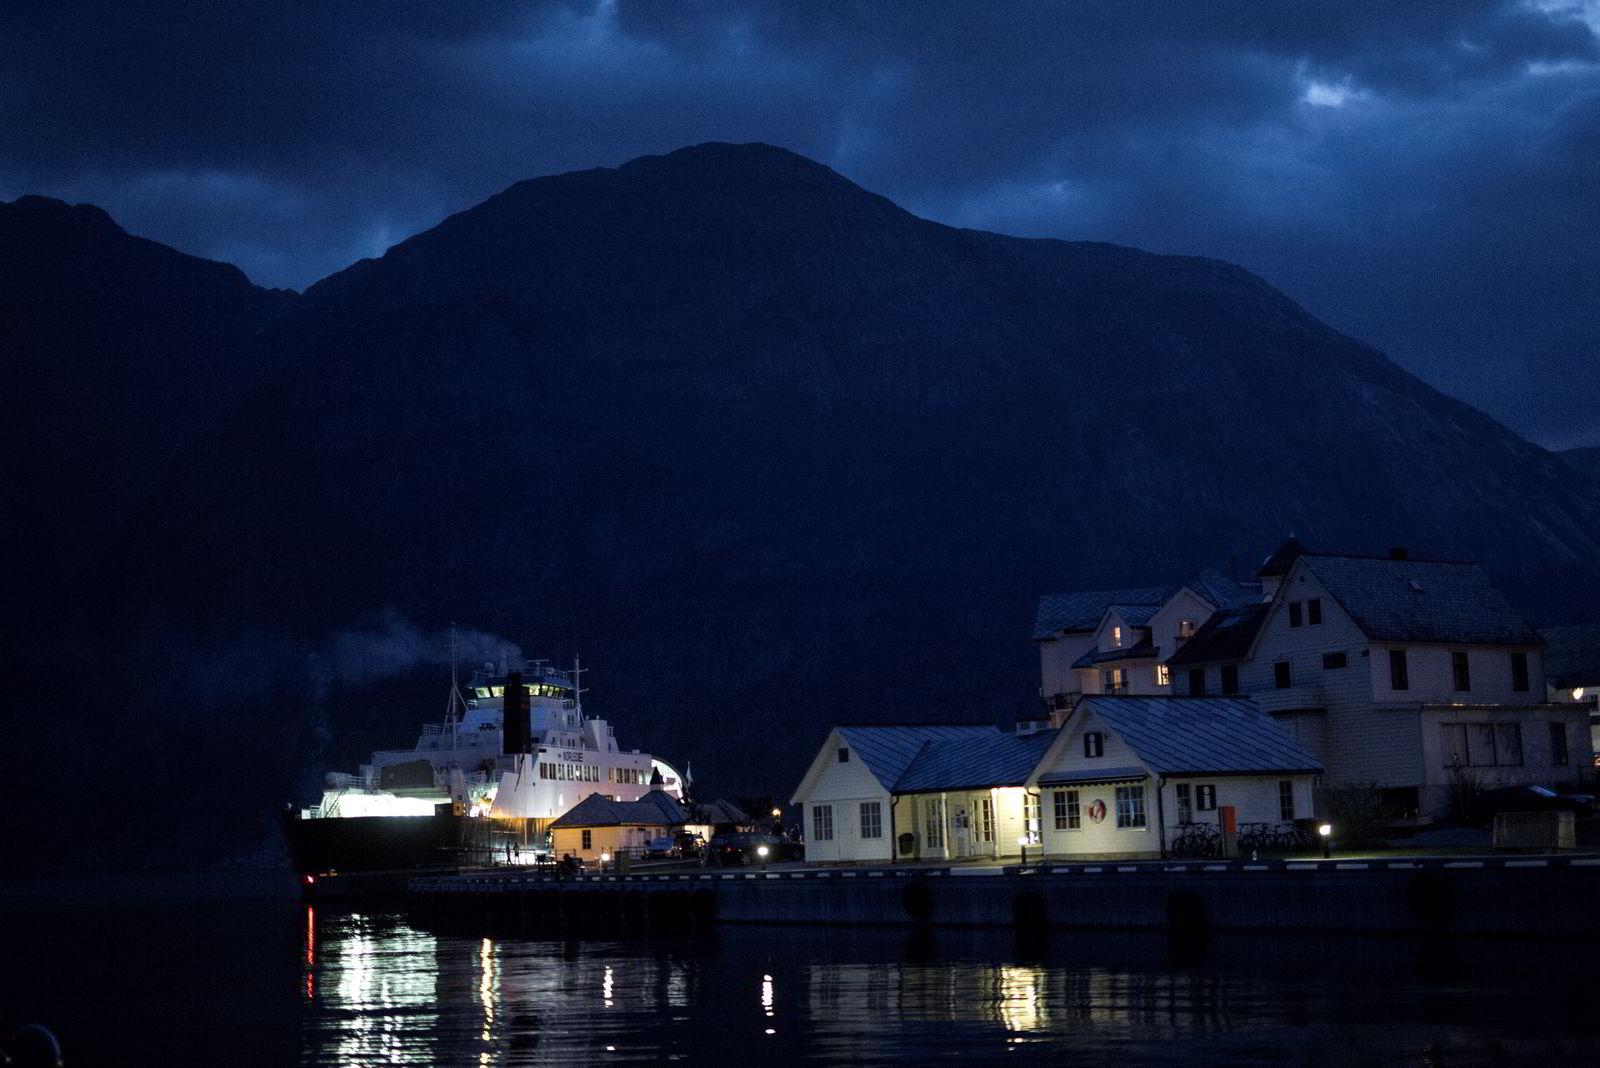 Klokken 0400 på cruisekaia i Eidfjord går triatletene ombord i den ventende fergen som skal ta dem 3,8 kilometer ut i Hardangerfjorden.